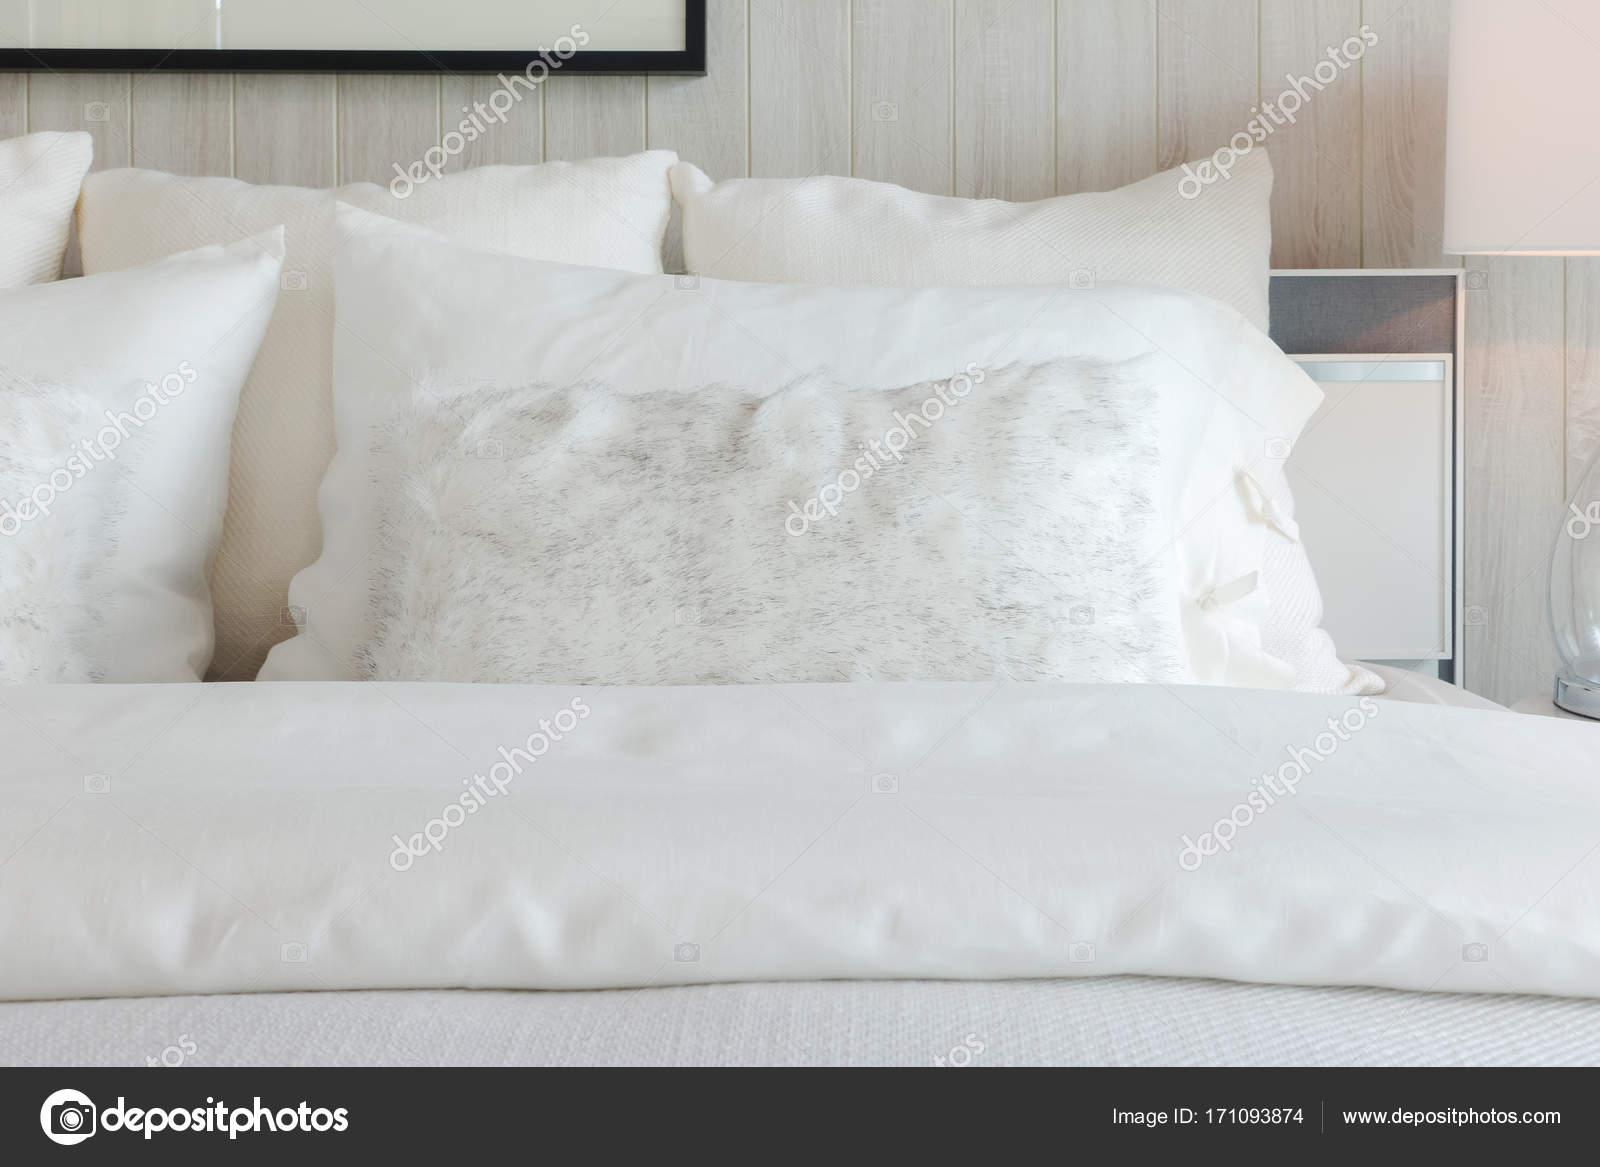 Ombre Blanche Oreillers Sur Chambre Intérieure De Style Literie élégante Blanc  Casséu2013 Images De Stock Libres De Droits